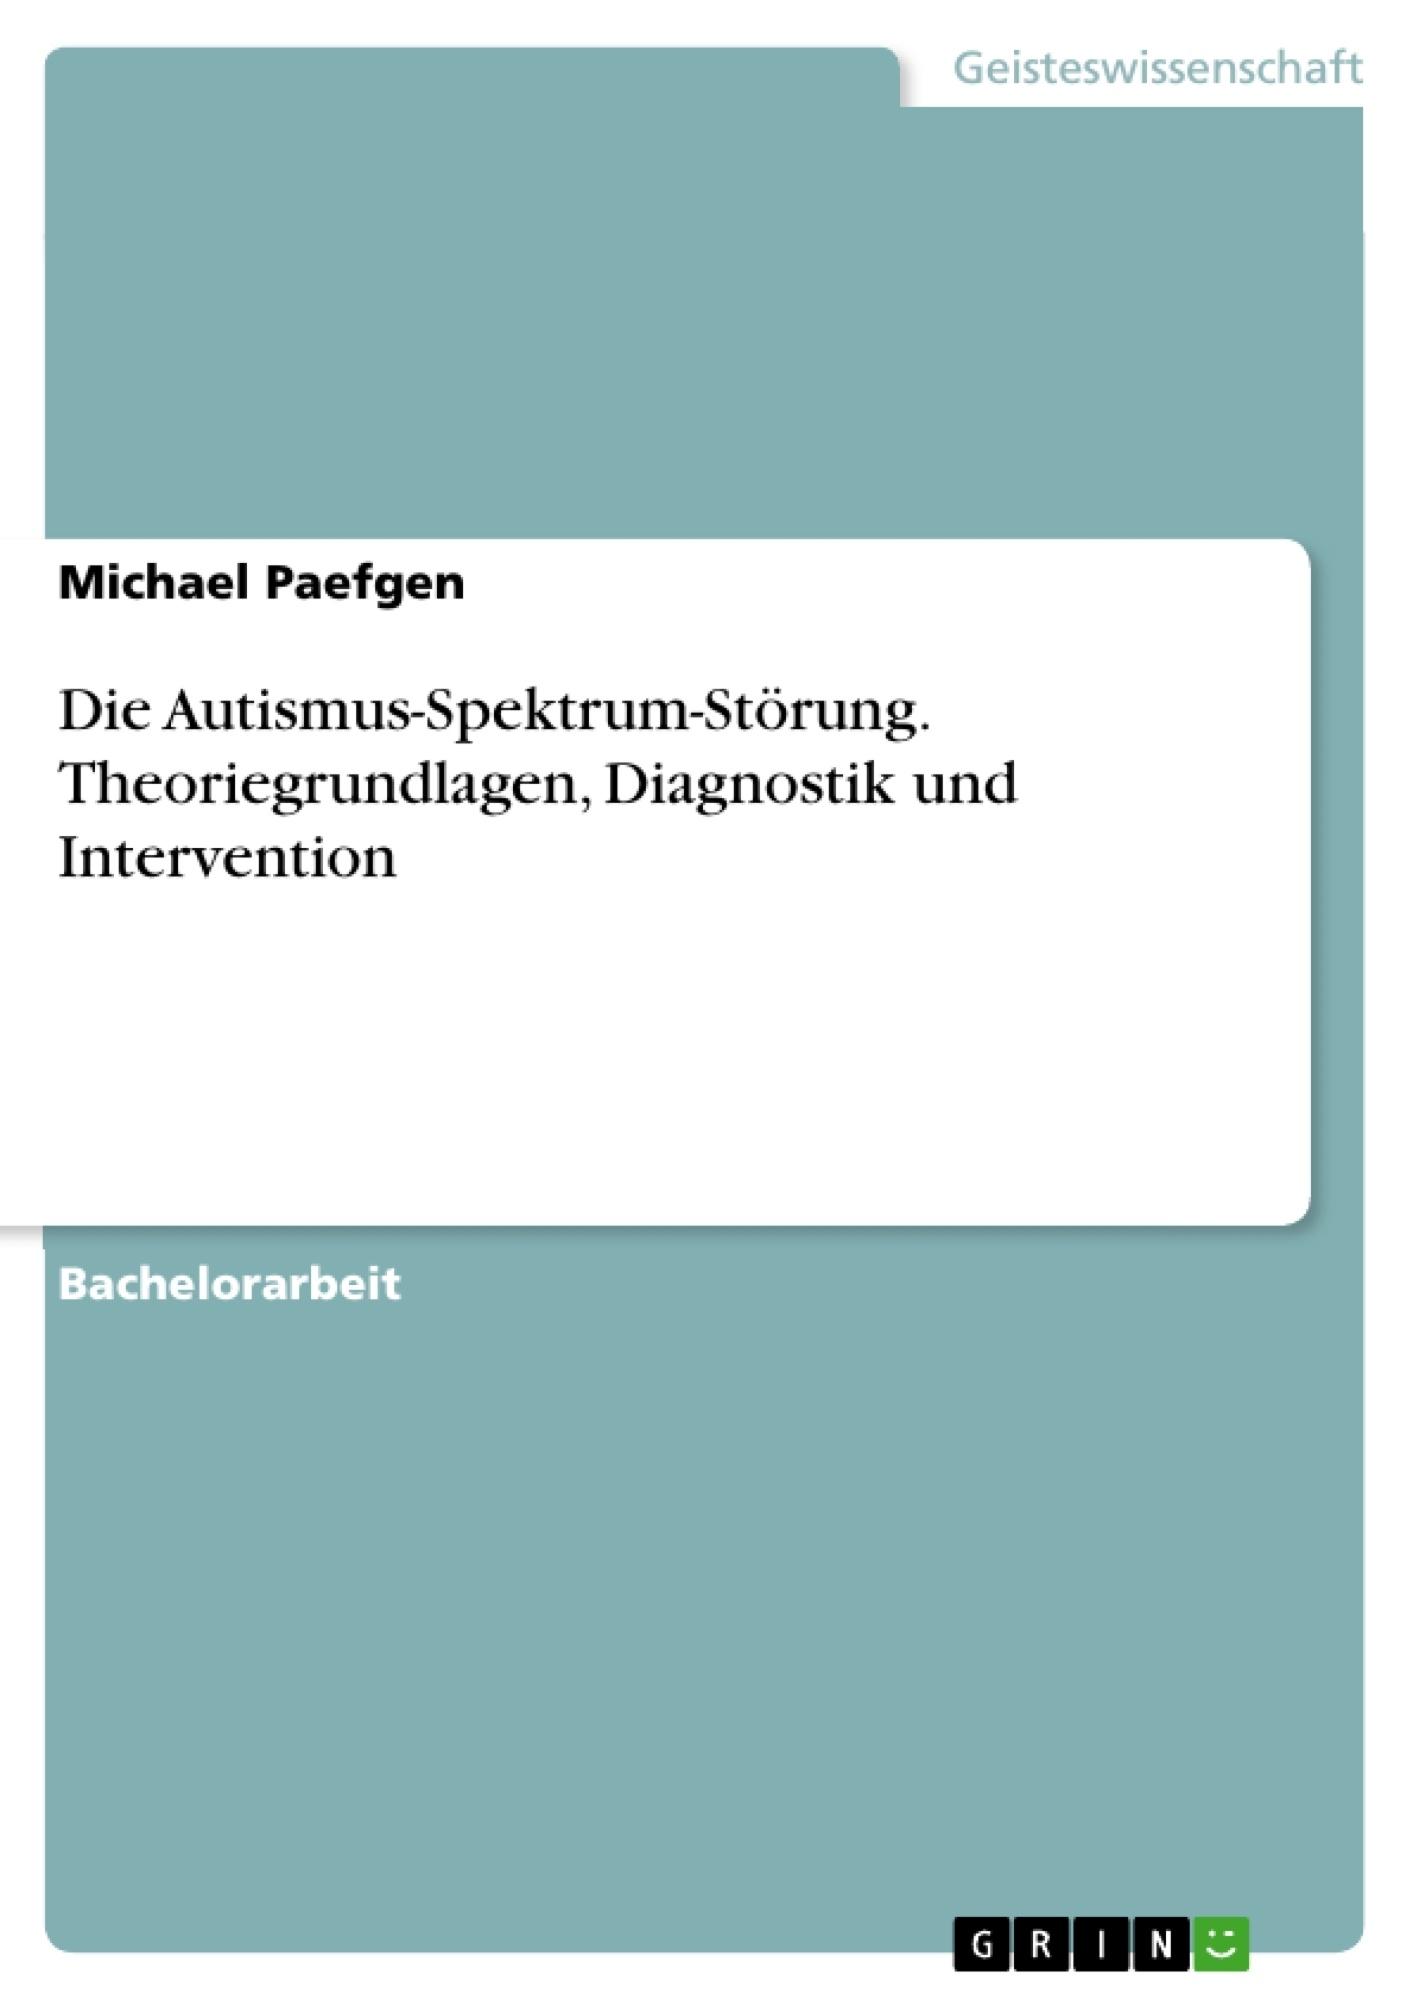 Titel: Die Autismus-Spektrum-Störung. Theoriegrundlagen, Diagnostik und Intervention